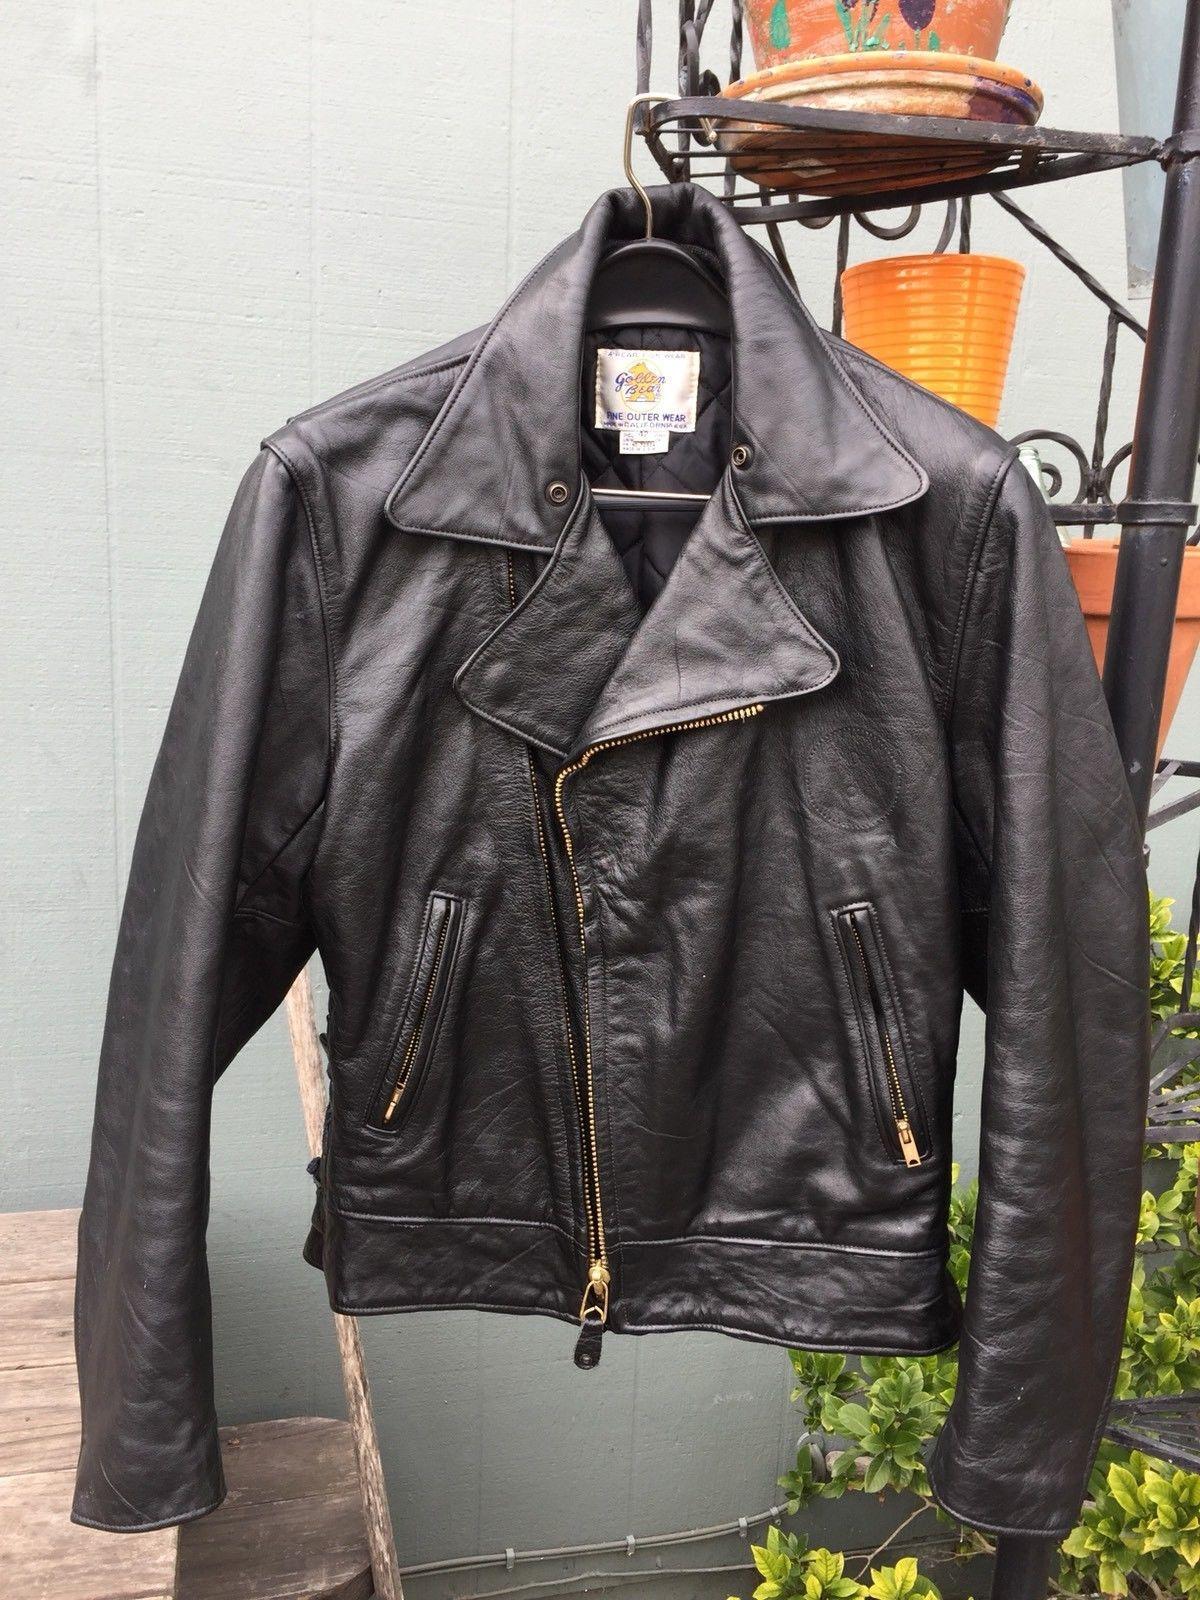 88a89ef49 Vintage 50s/60s STYLE Golden Bear Sportswear Leather Coat Jacket ...